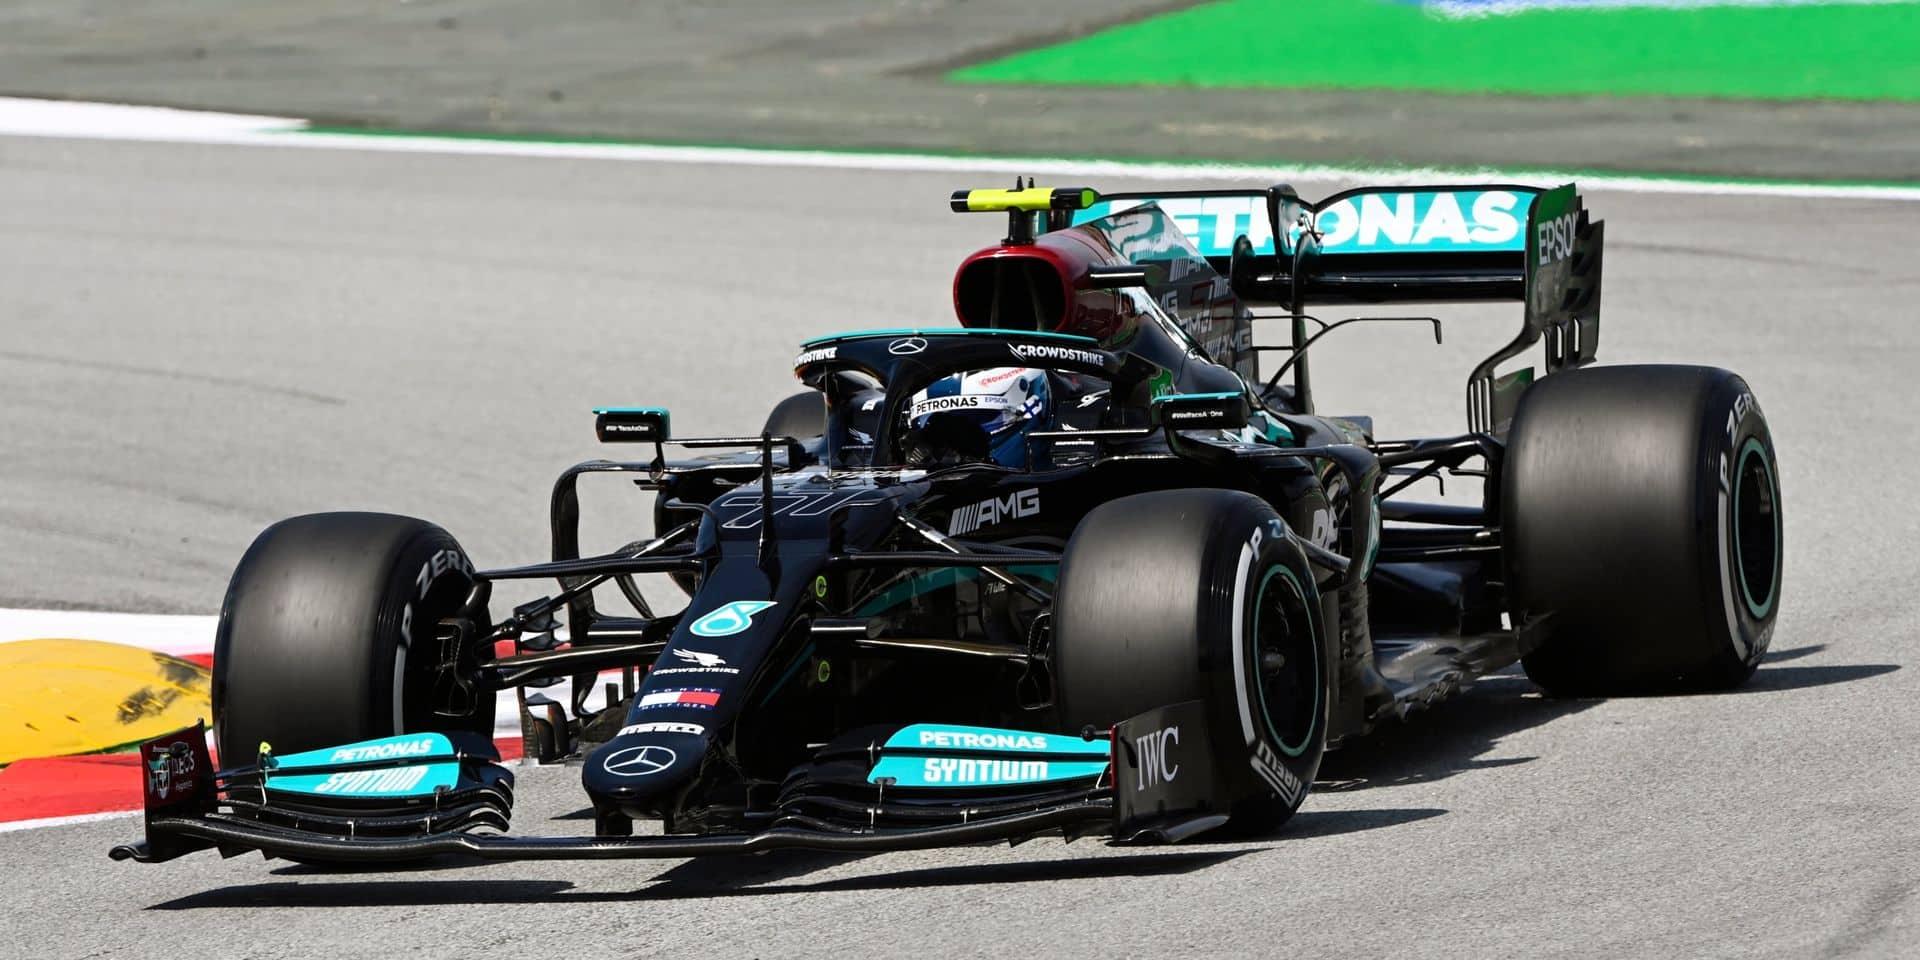 GP d'Espagne (Libres 1): Bottas le plus rapide devant Verstappen et Hamilton